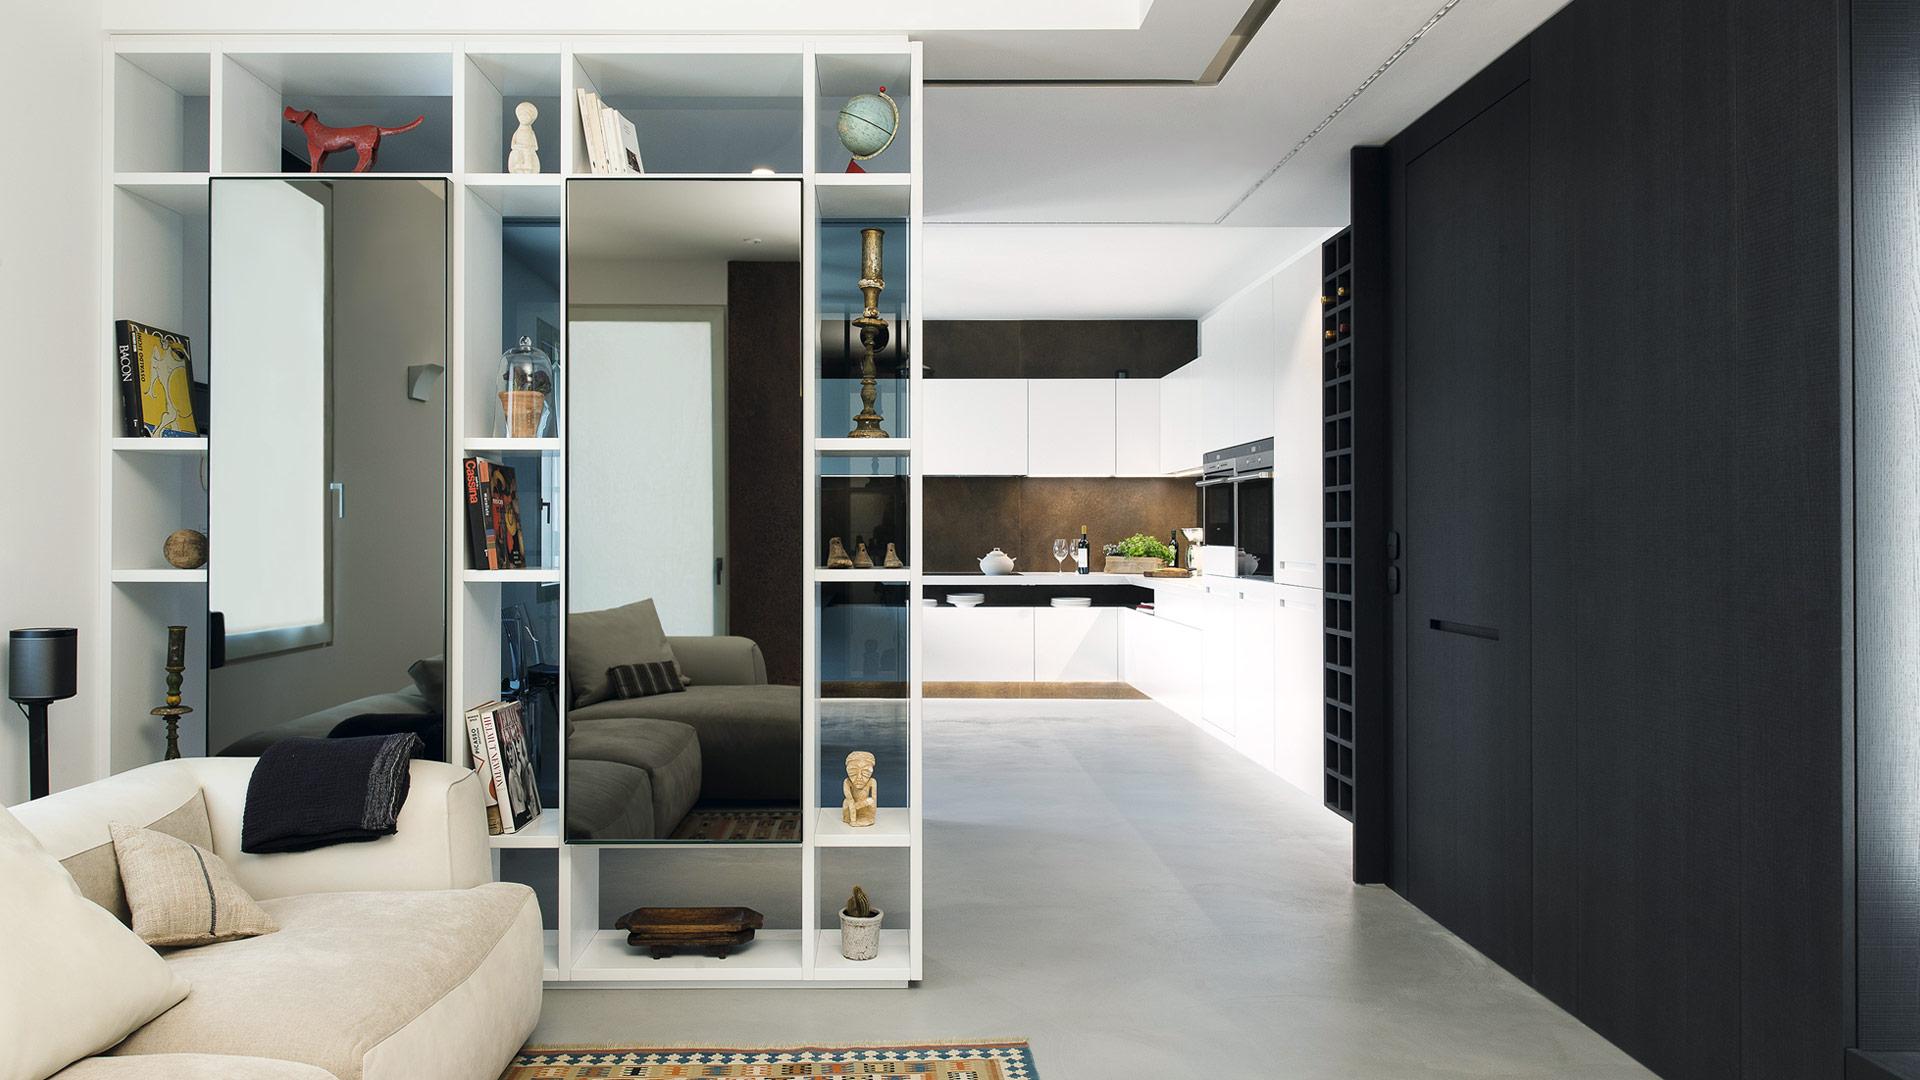 Cucina living sospesa open space realizzata su progetto for Come costruire colonne in stile artigiano